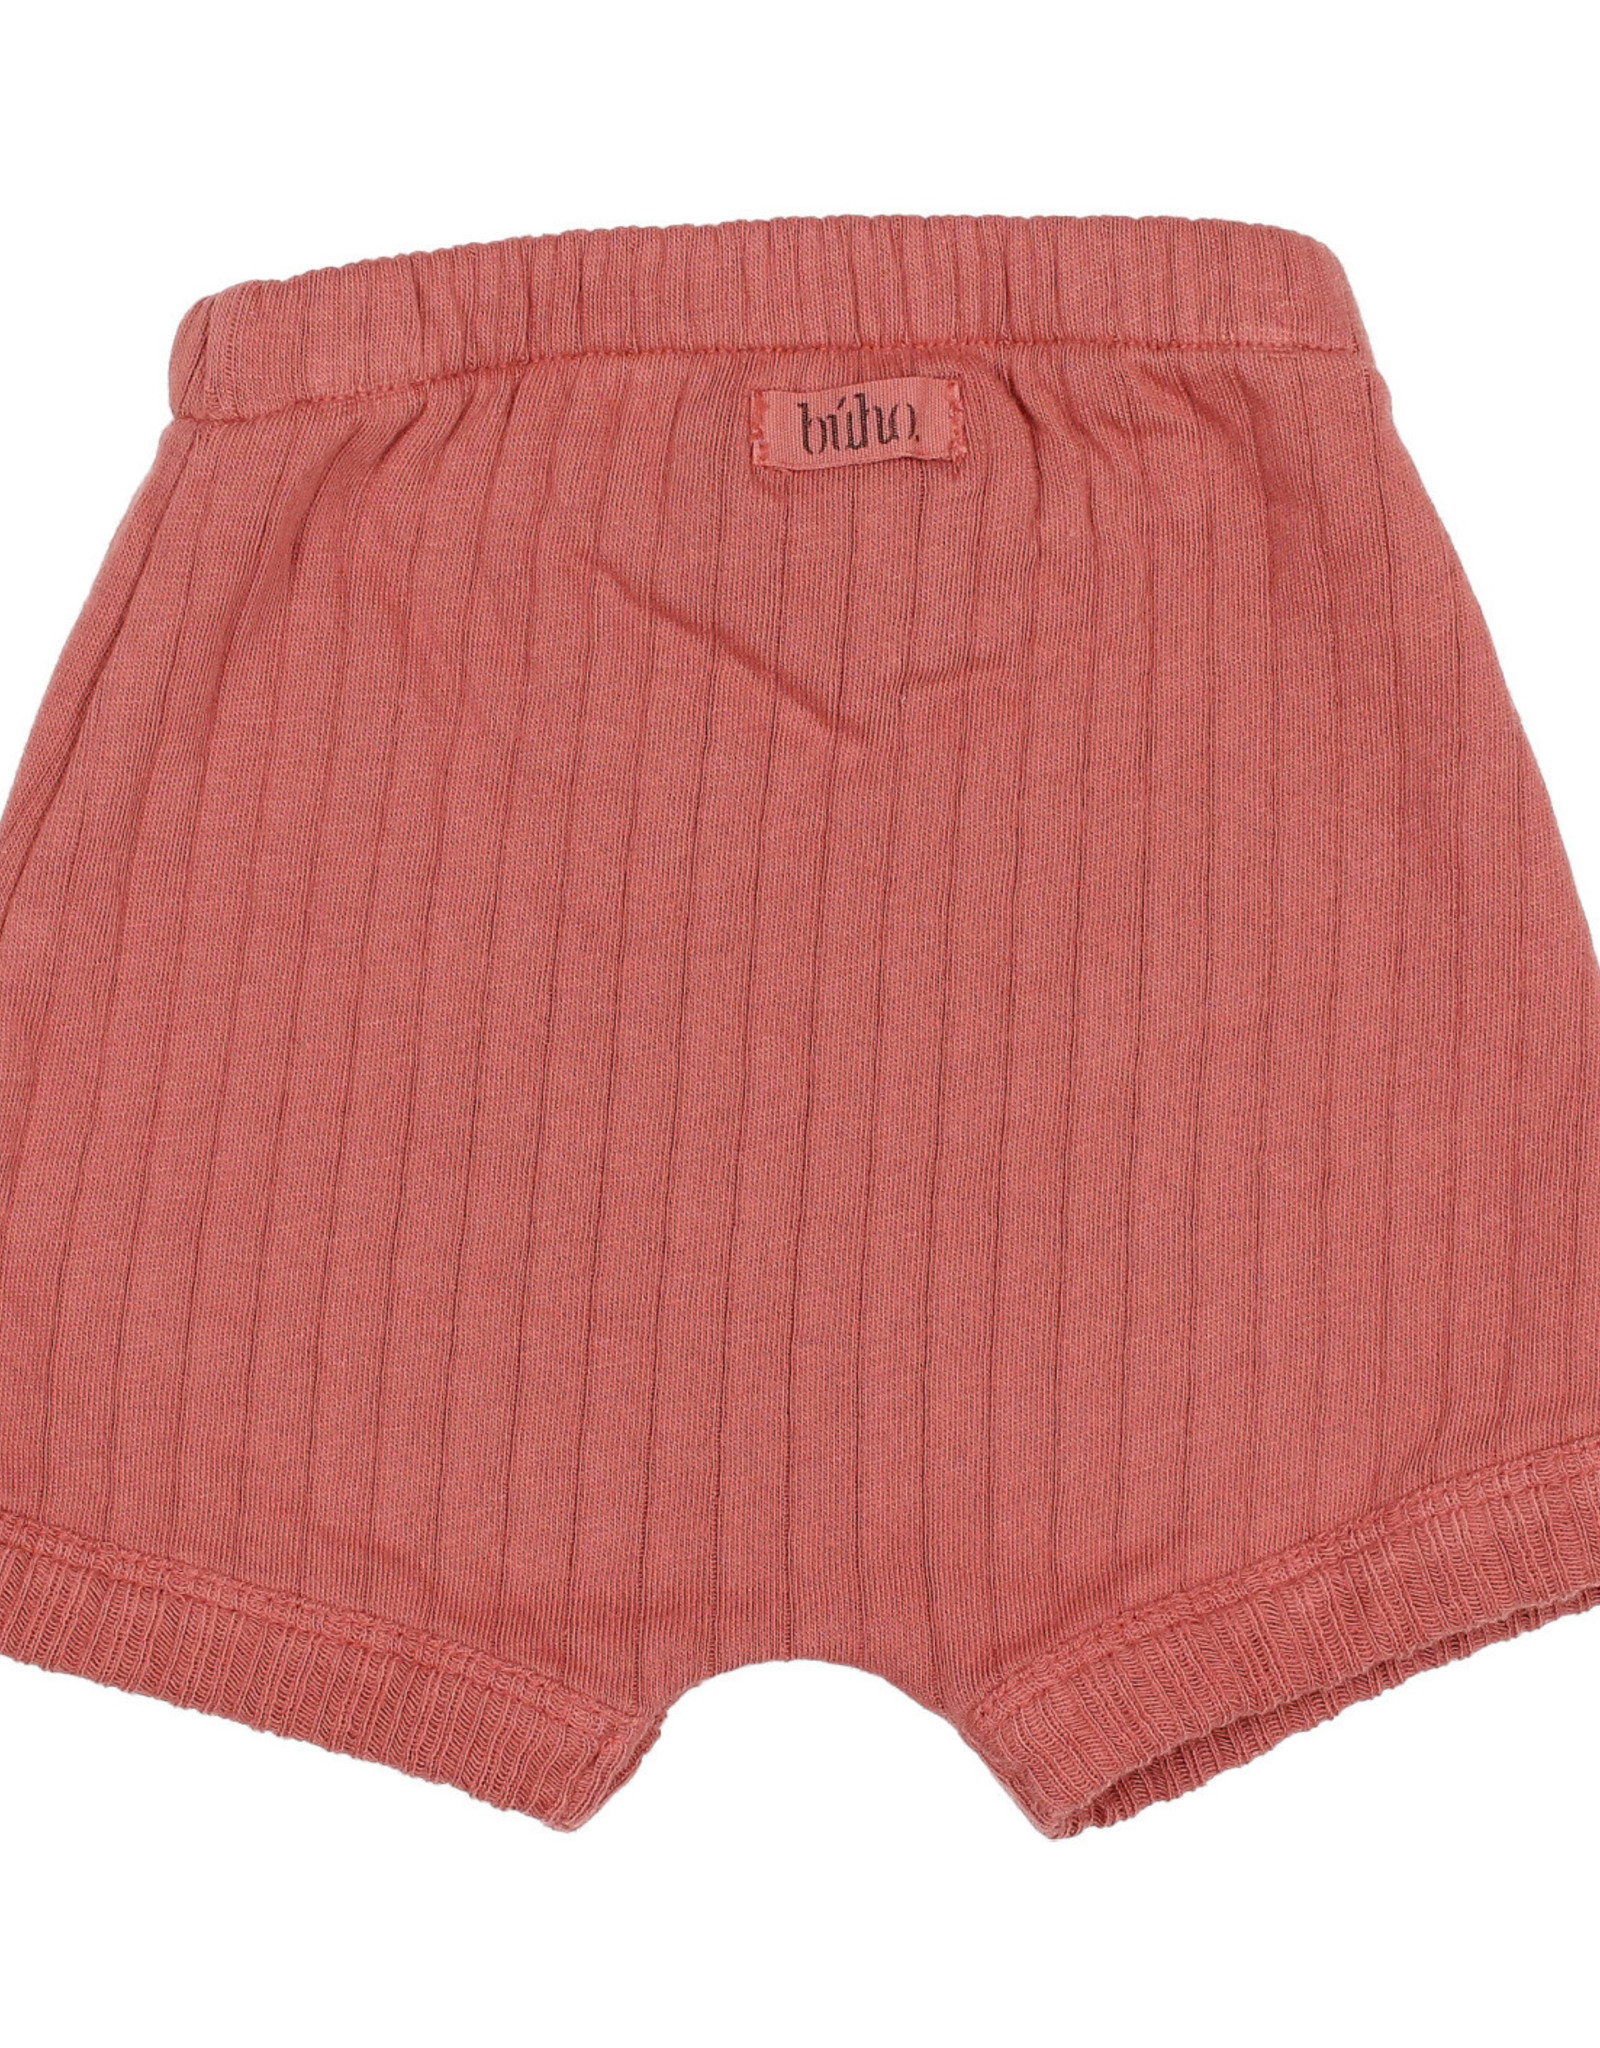 Buho Roma Shorts